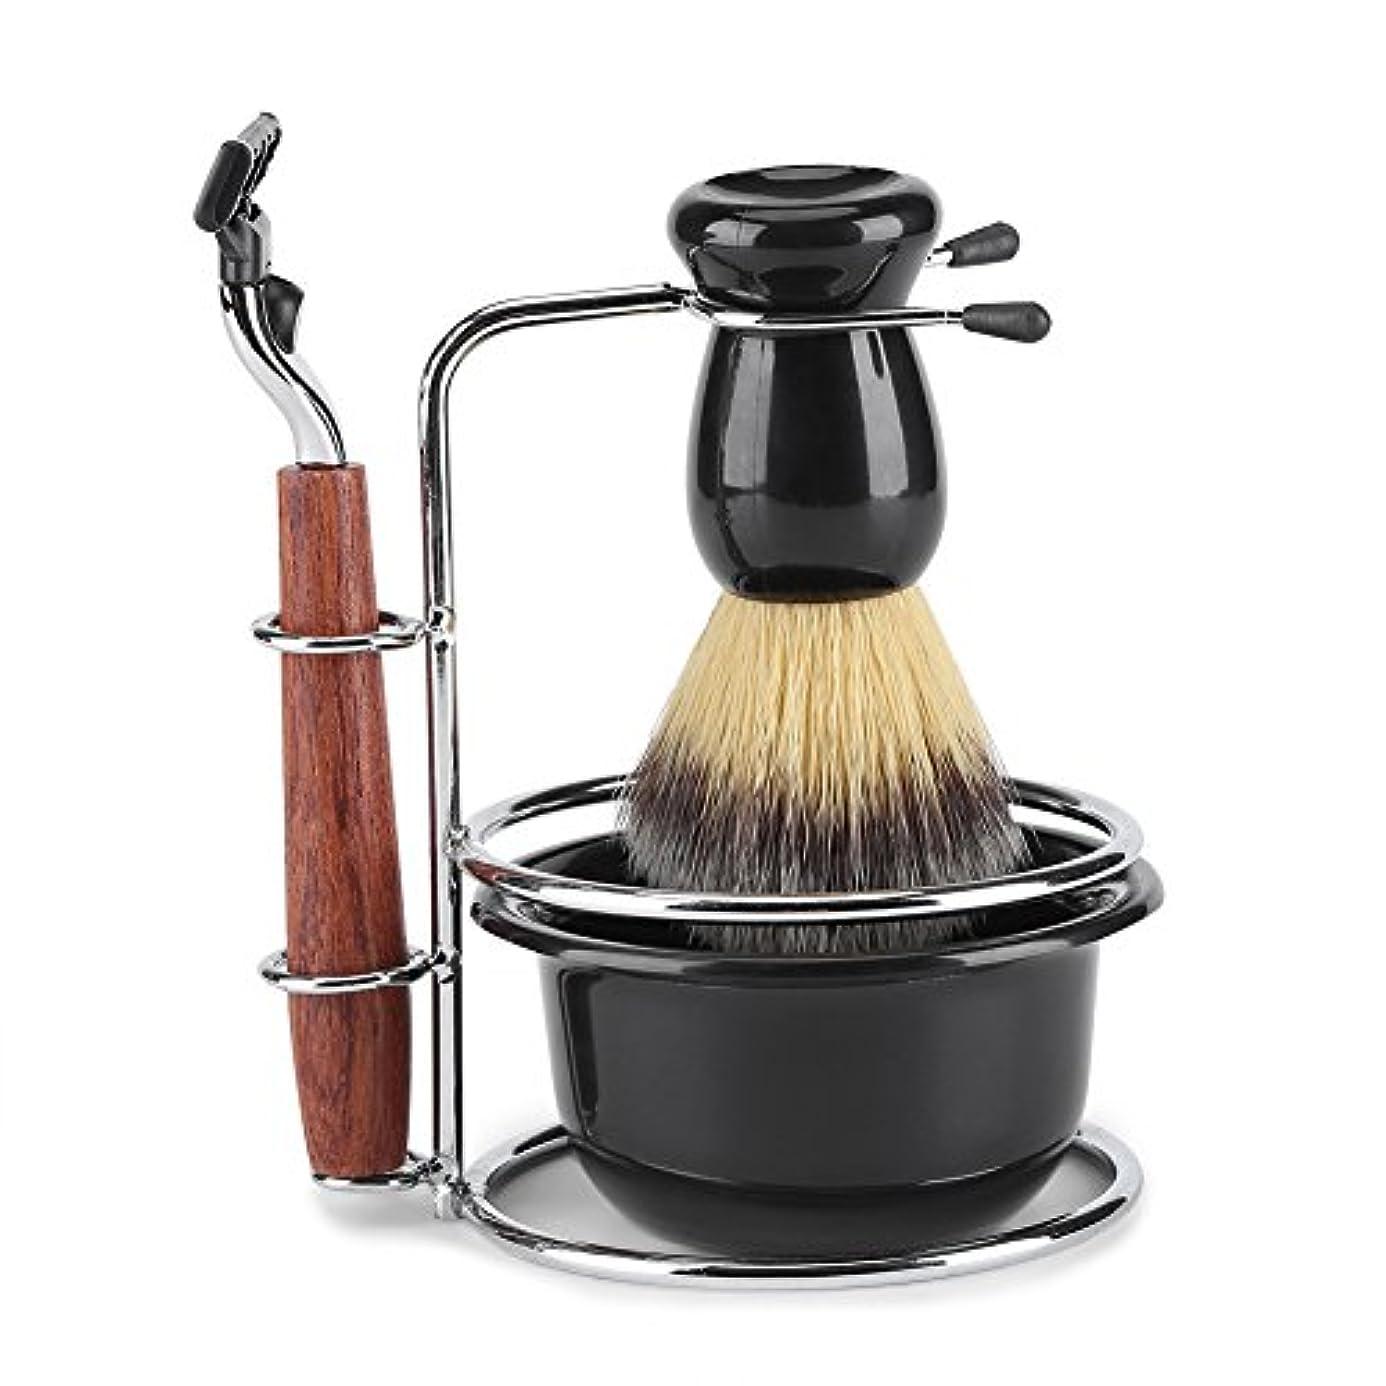 処方する調査味わうシェービングブラシセット 父の日プレゼント ひげブラシ シェービングブラシ プラシスタンド 石鹸ボウル 理容 洗顔 髭剃り 泡立ち メンズ用 親父 ご主人 クリスマスプレゼント